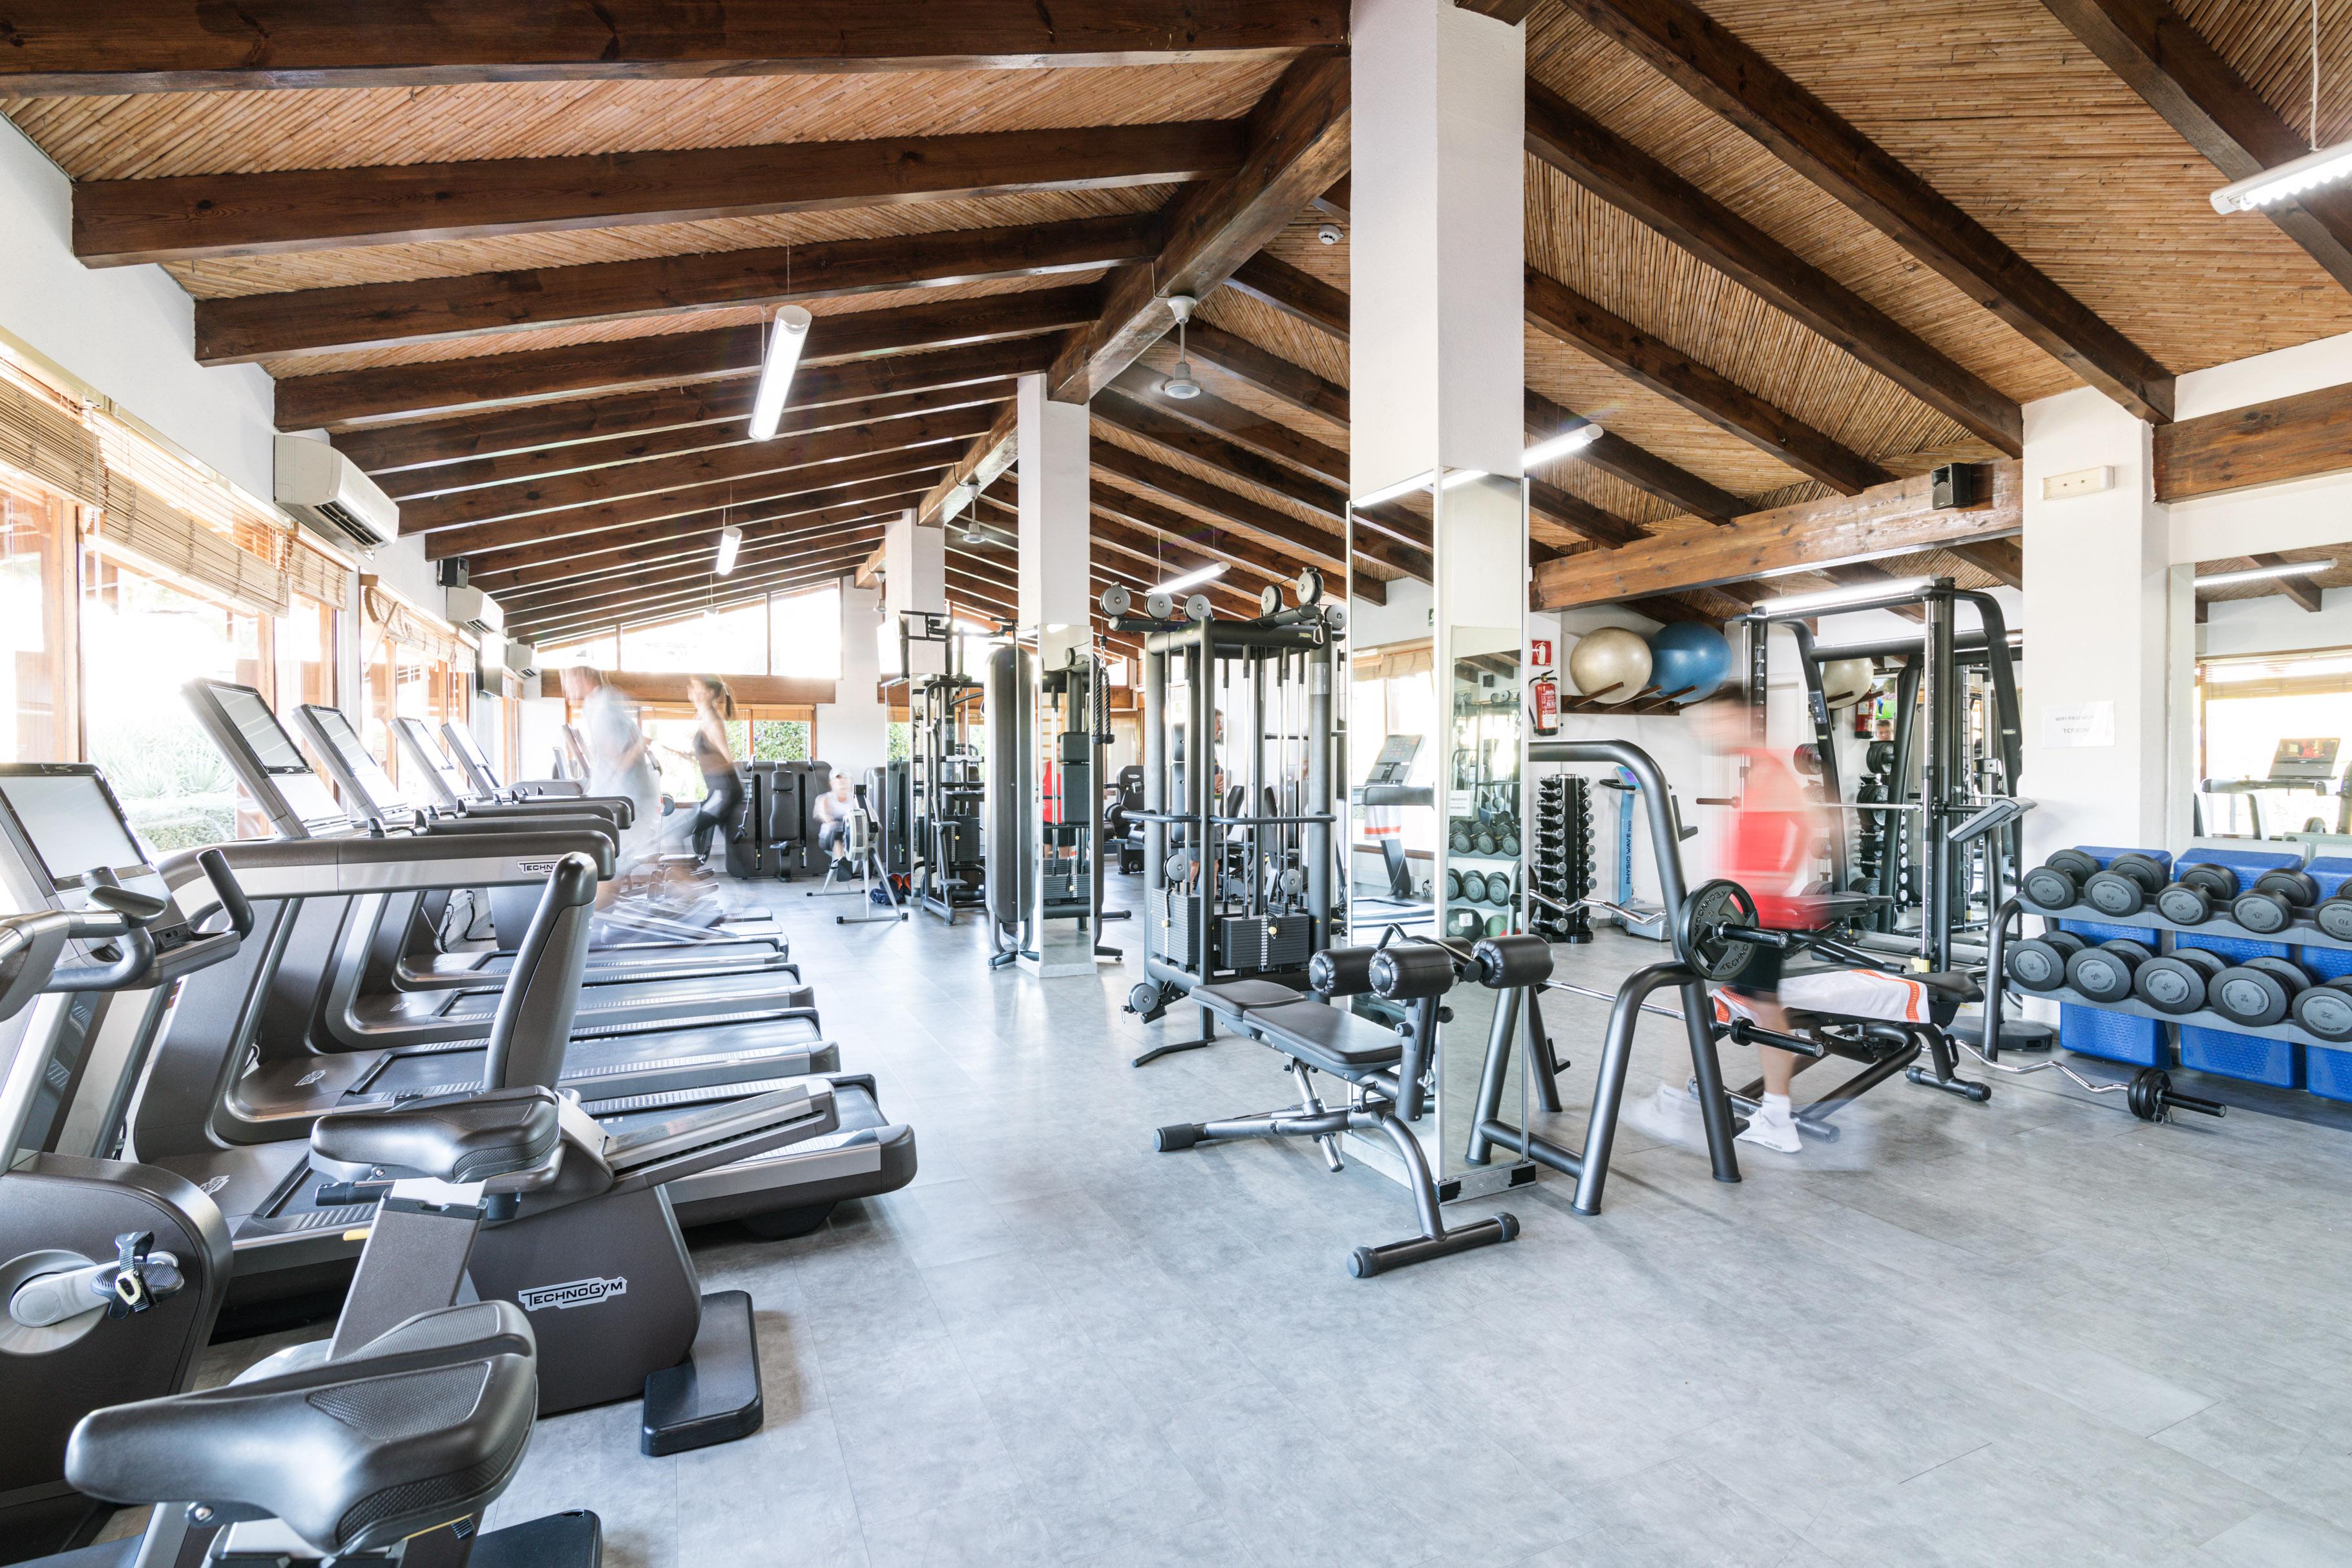 club-de-tenis-puente-romano-gym-2